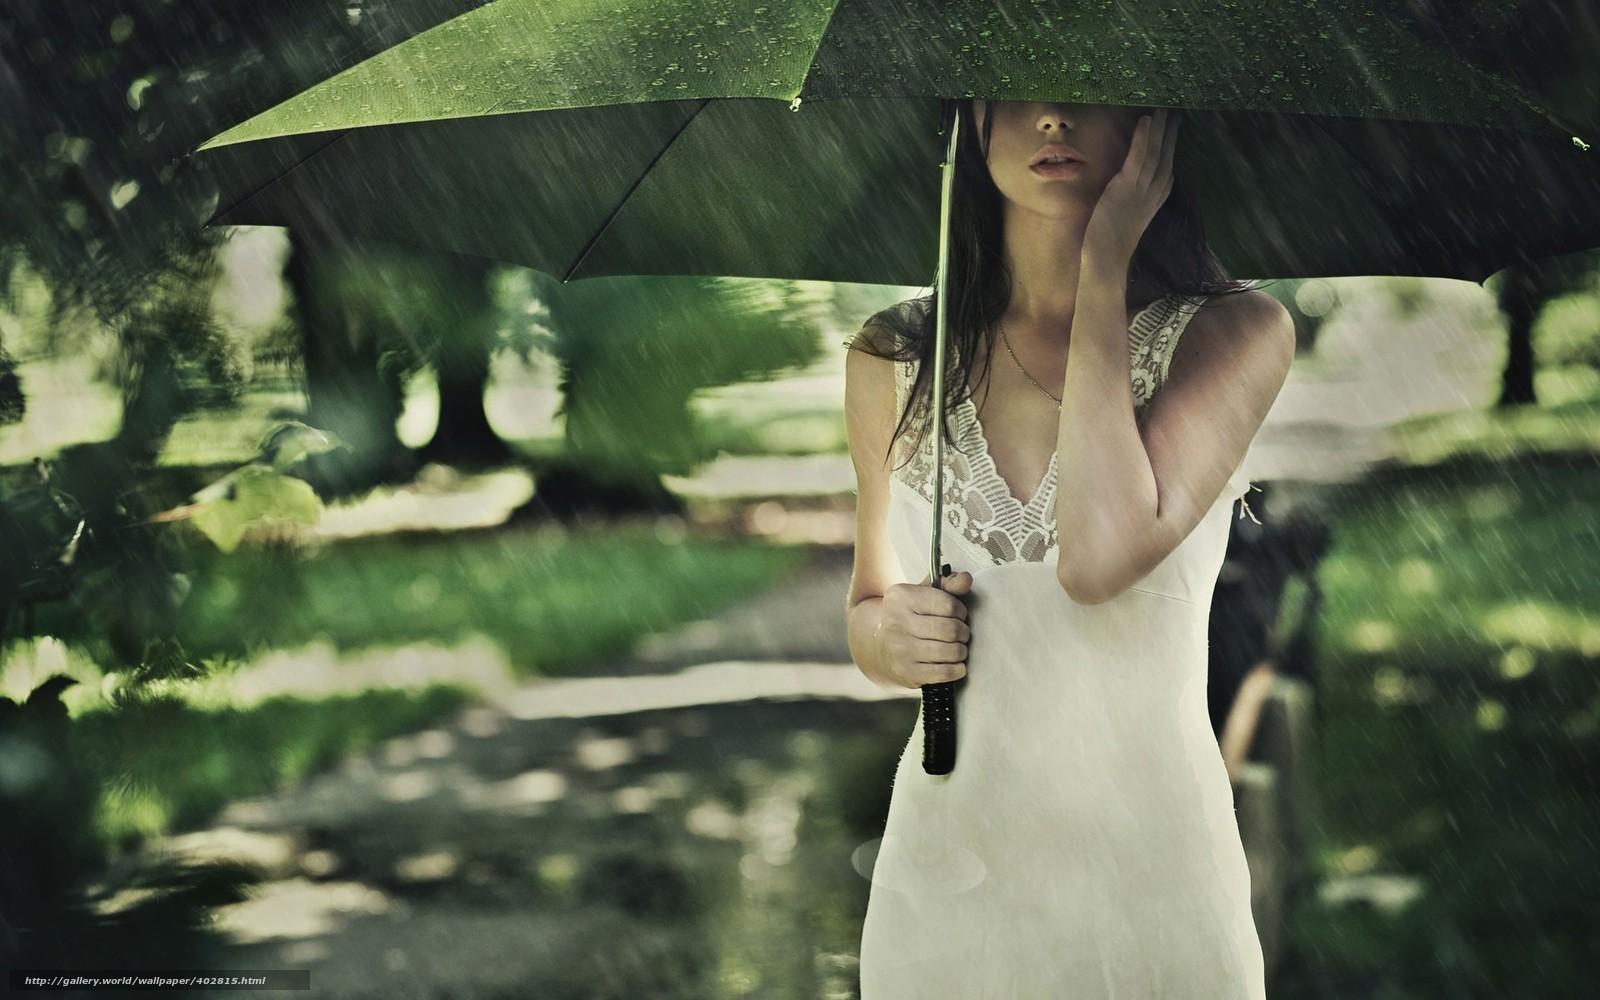 Tlcharger Fond d'ecran fille,  t,  parapluie,  pluie Fonds d'ecran gratuits pour votre rsolution du bureau 1920x1200 — image №402815